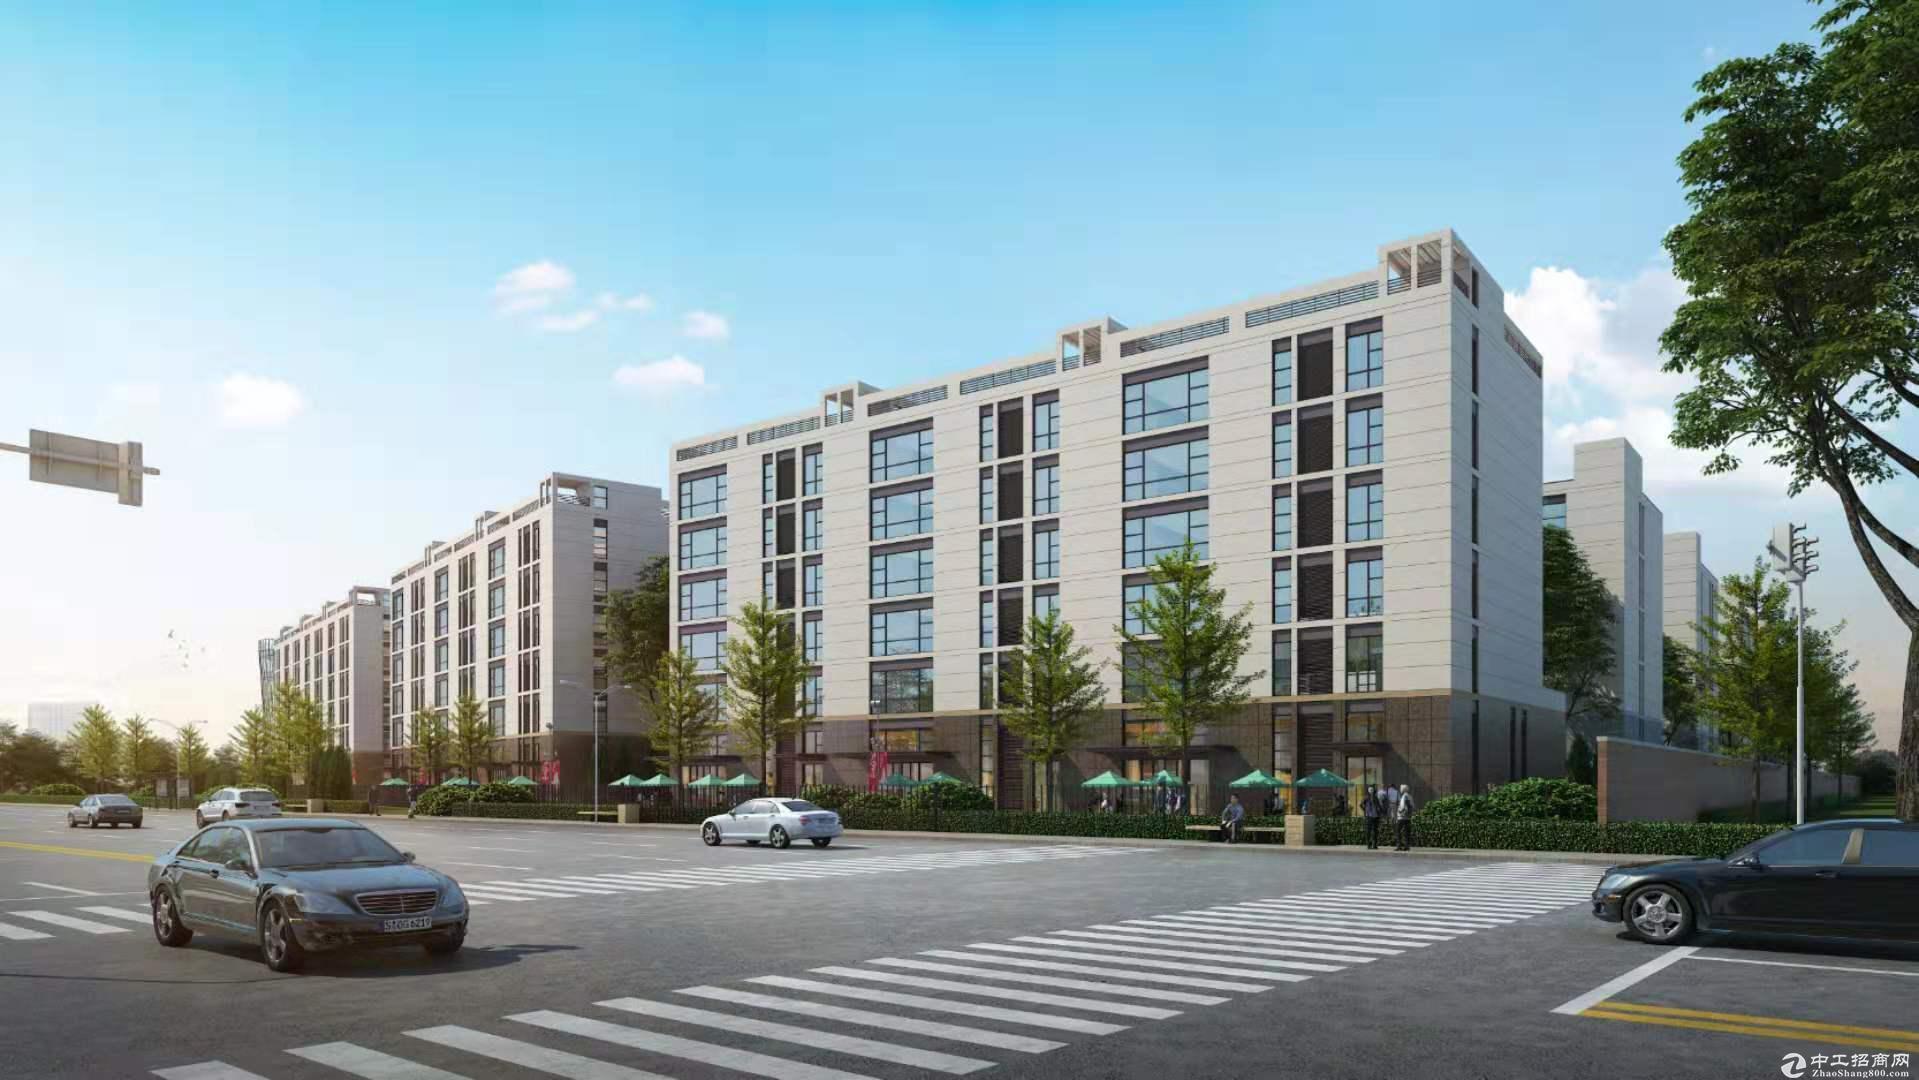 出售燕郊正规厂房独栋,联排,300平米起售-图2